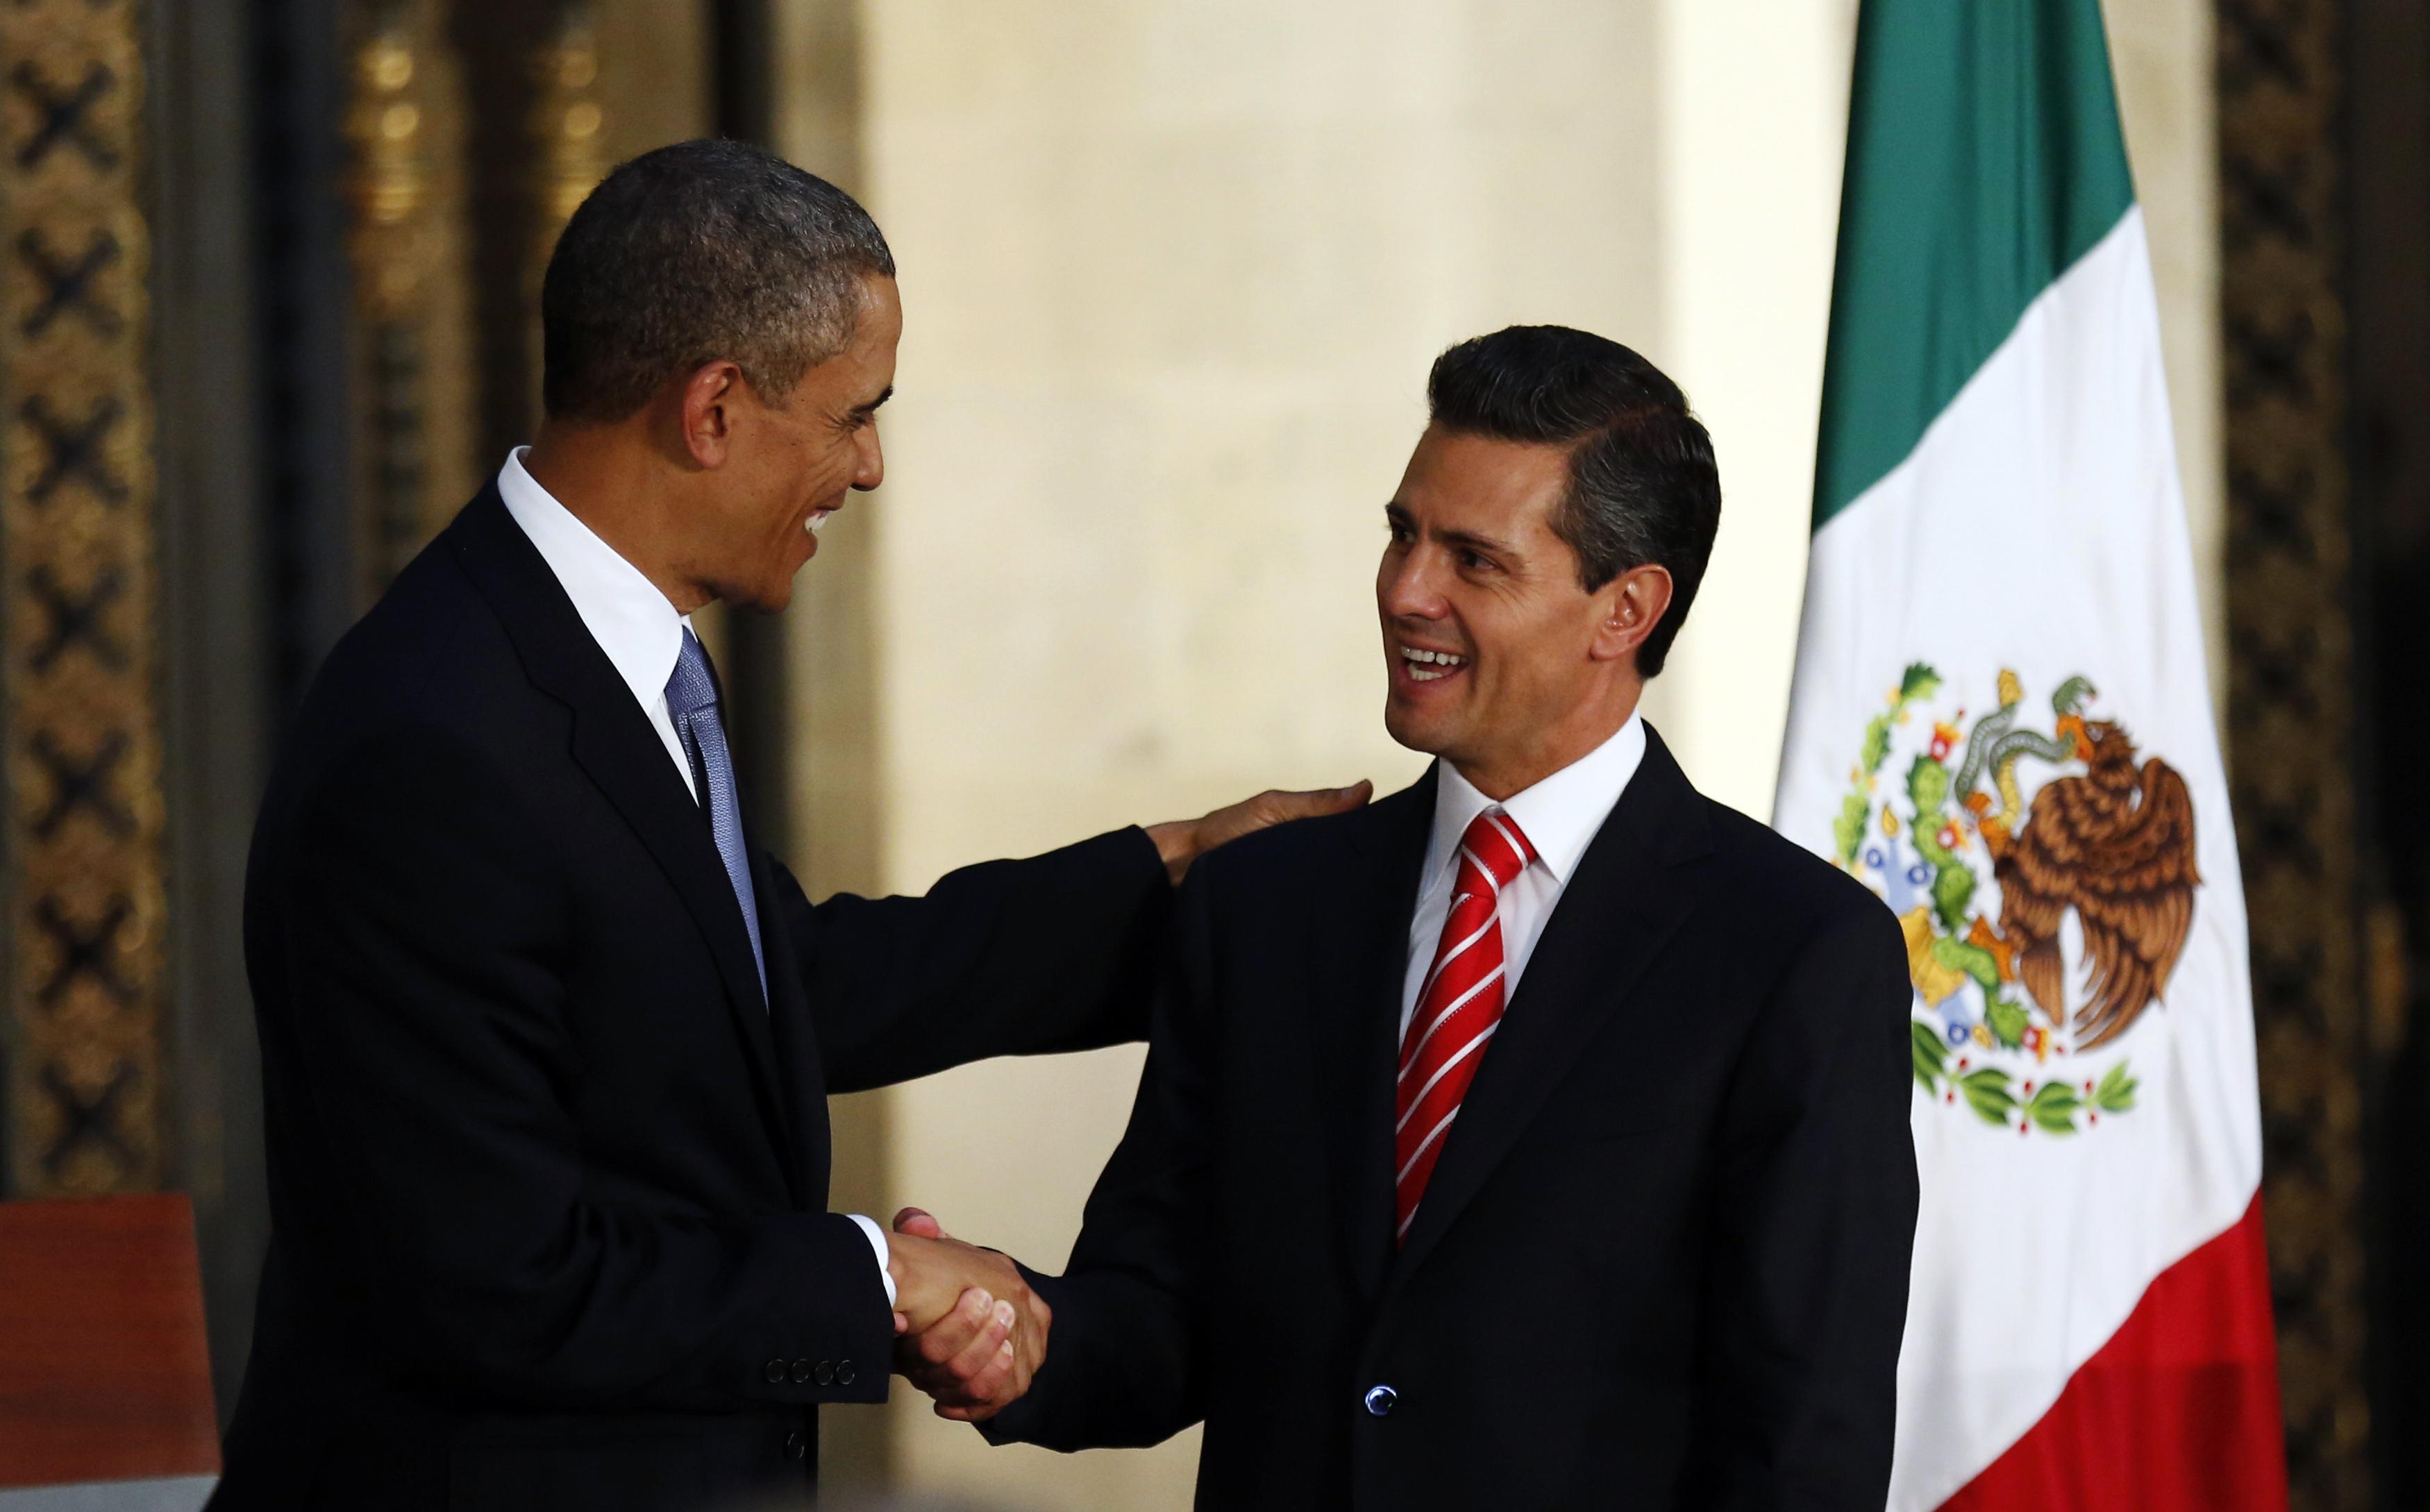 President Obamas Trip To Mexico Emphasizes Americas Future